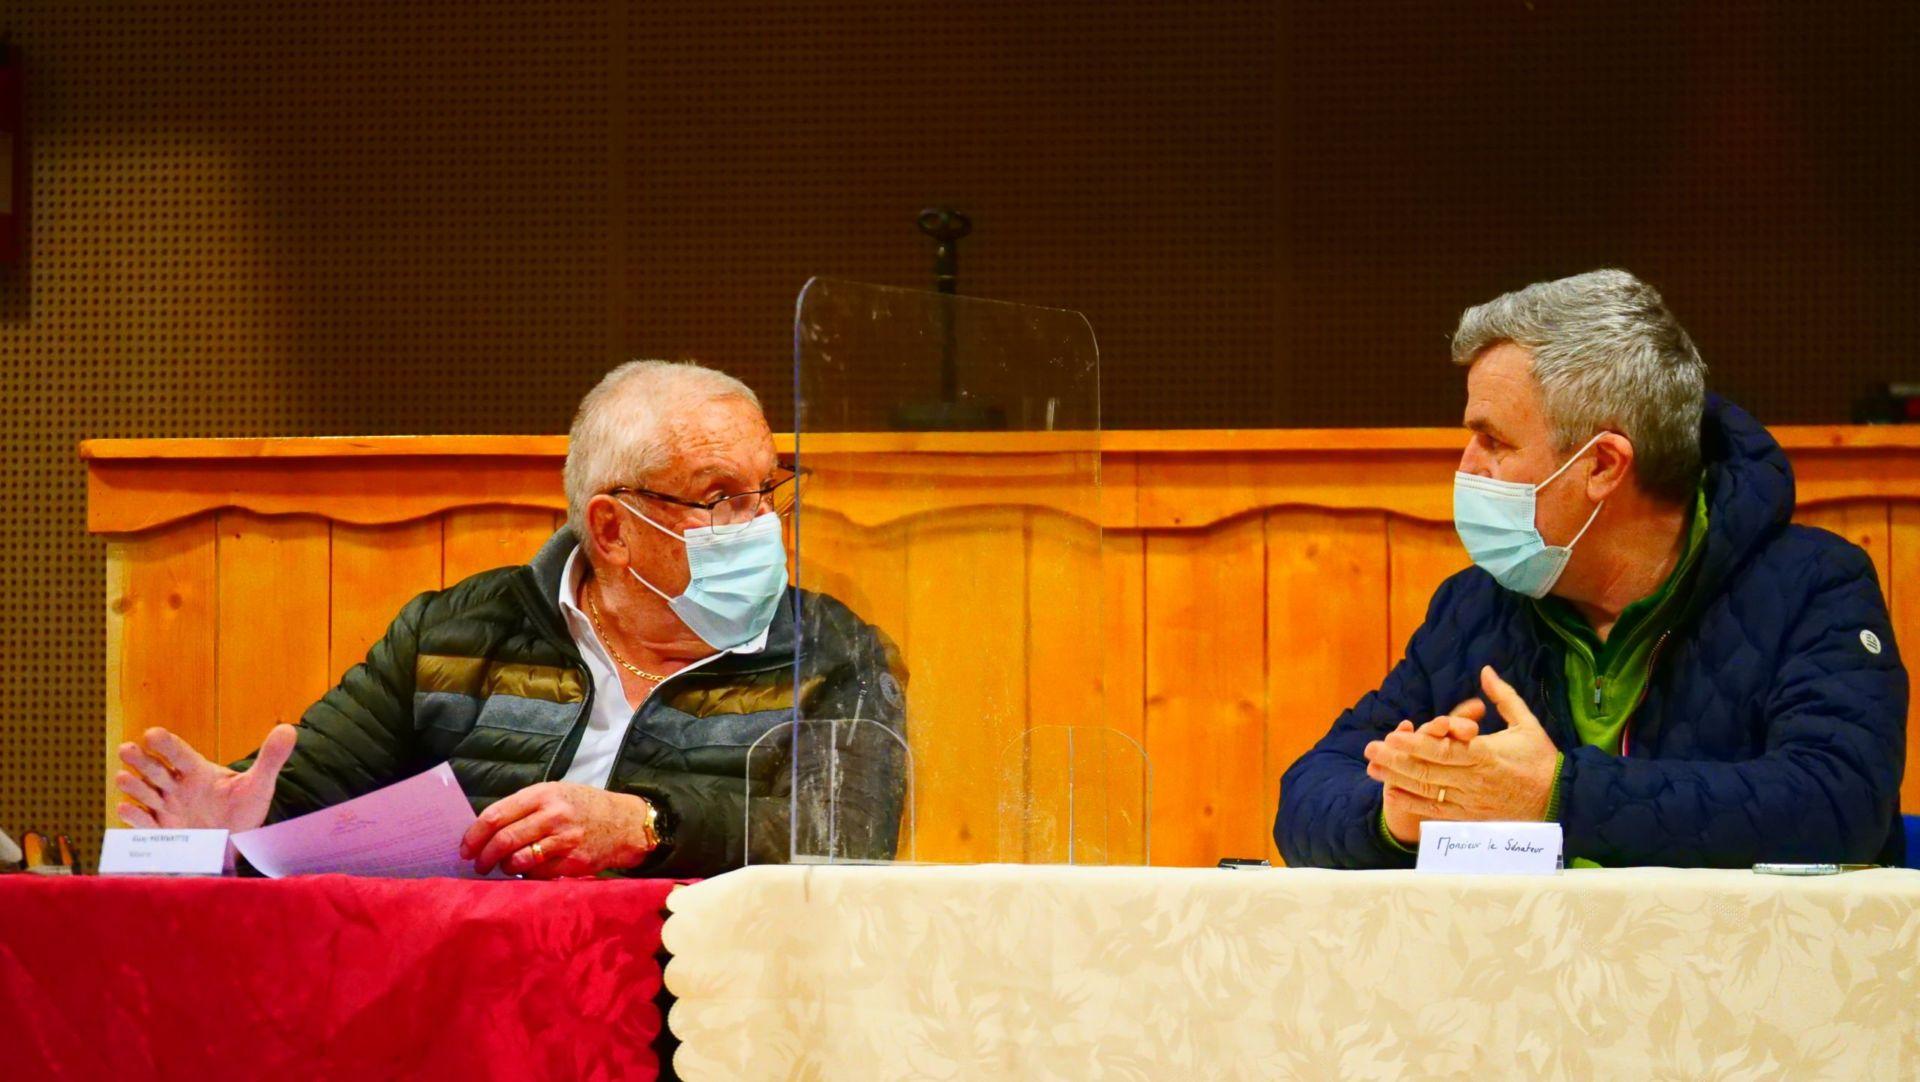 Le Sénateur des Hautes-Alpes, M. Jean-Michel ARNAUD, en visite des Stations à Montgenèvre